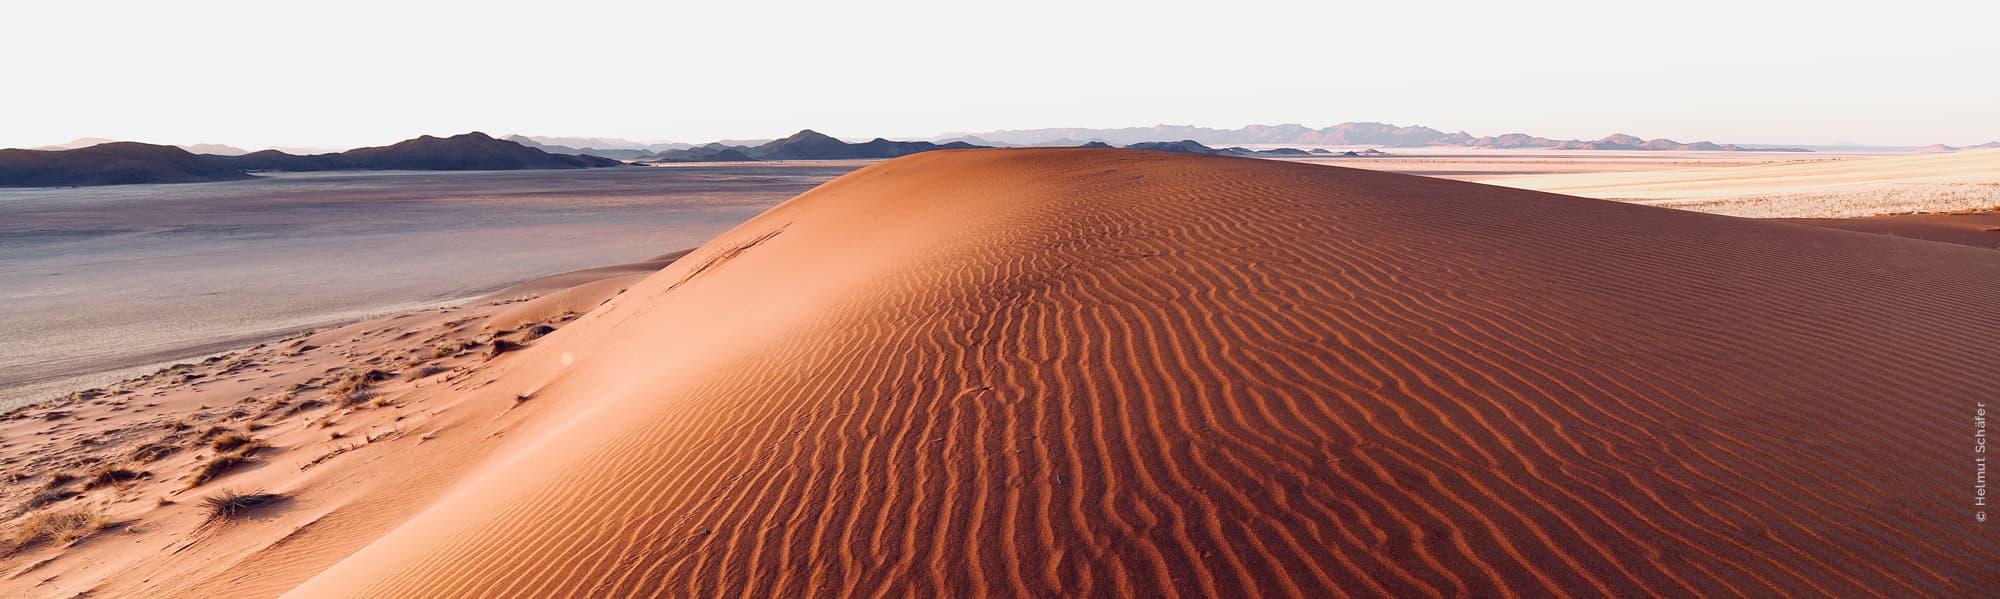 Wüste in Afrika